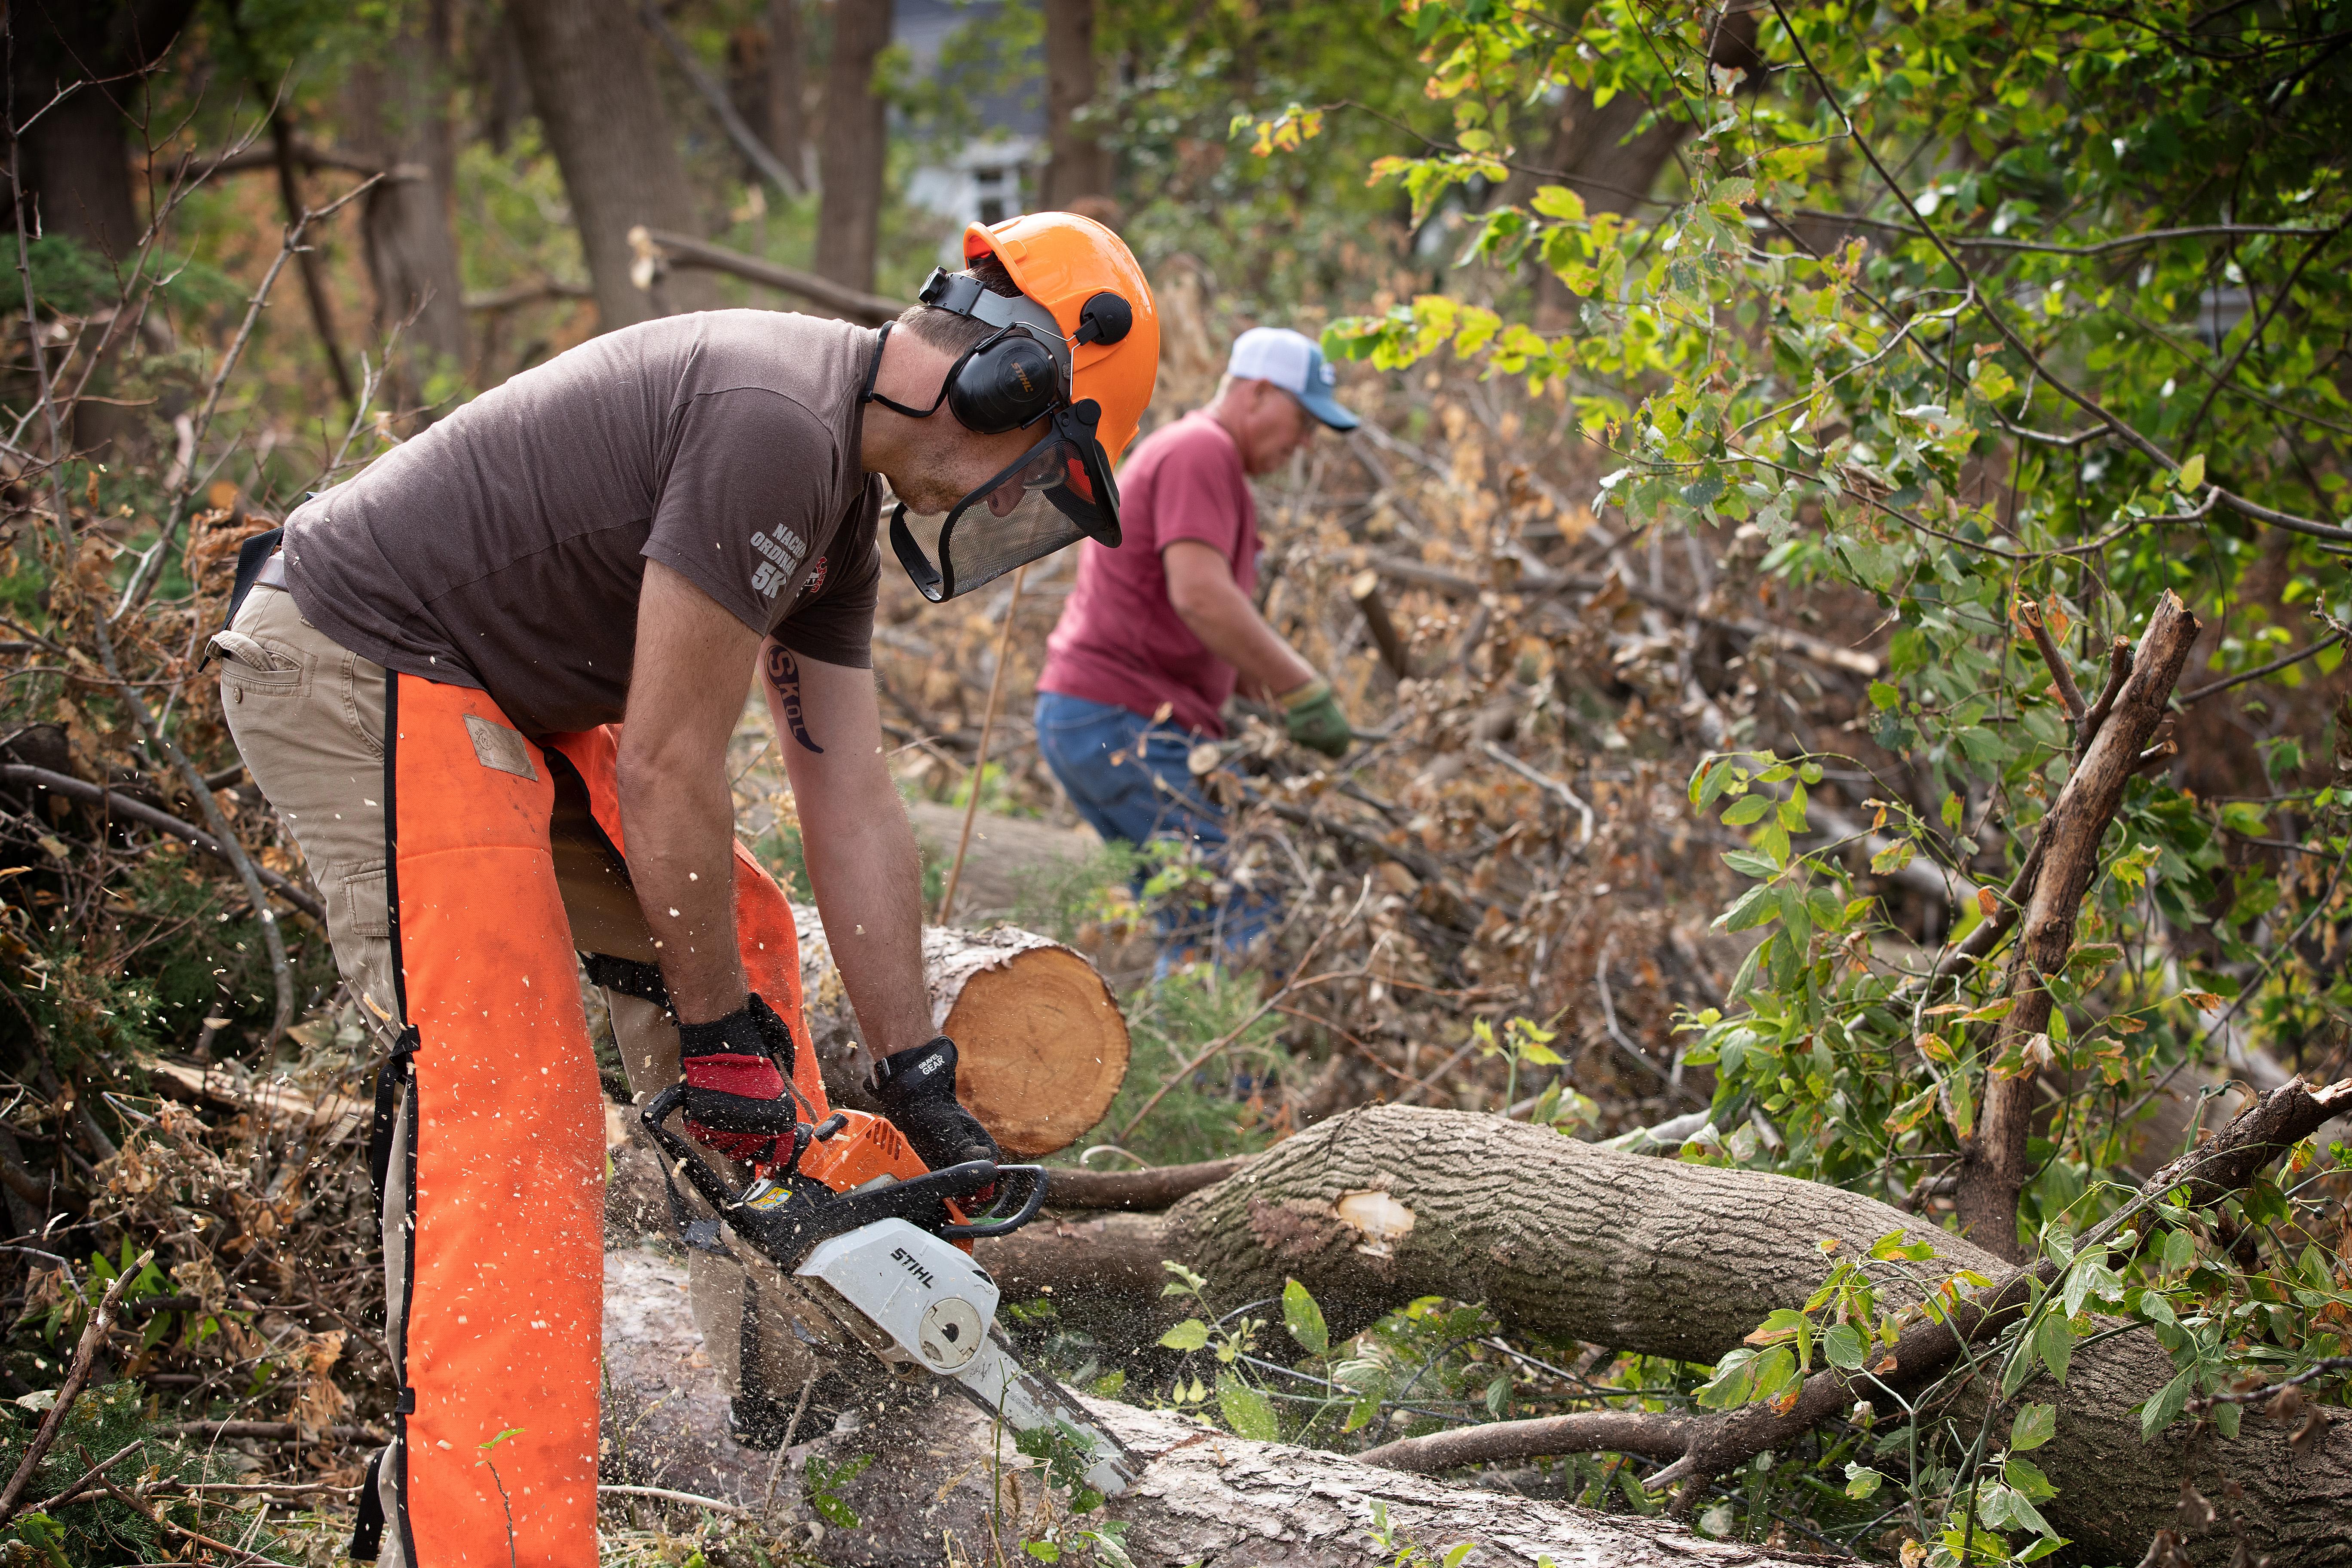 Los voluntarios metodistas unidos Darren Garrett (frente) y Dale Krohn usan motosierras para despejar los árboles caídos en una casa de Cedar Rapids, Iowa, después del derecho que azotó la ciudad en agosto del 2020. Foto por Mike DuBose, UM News.